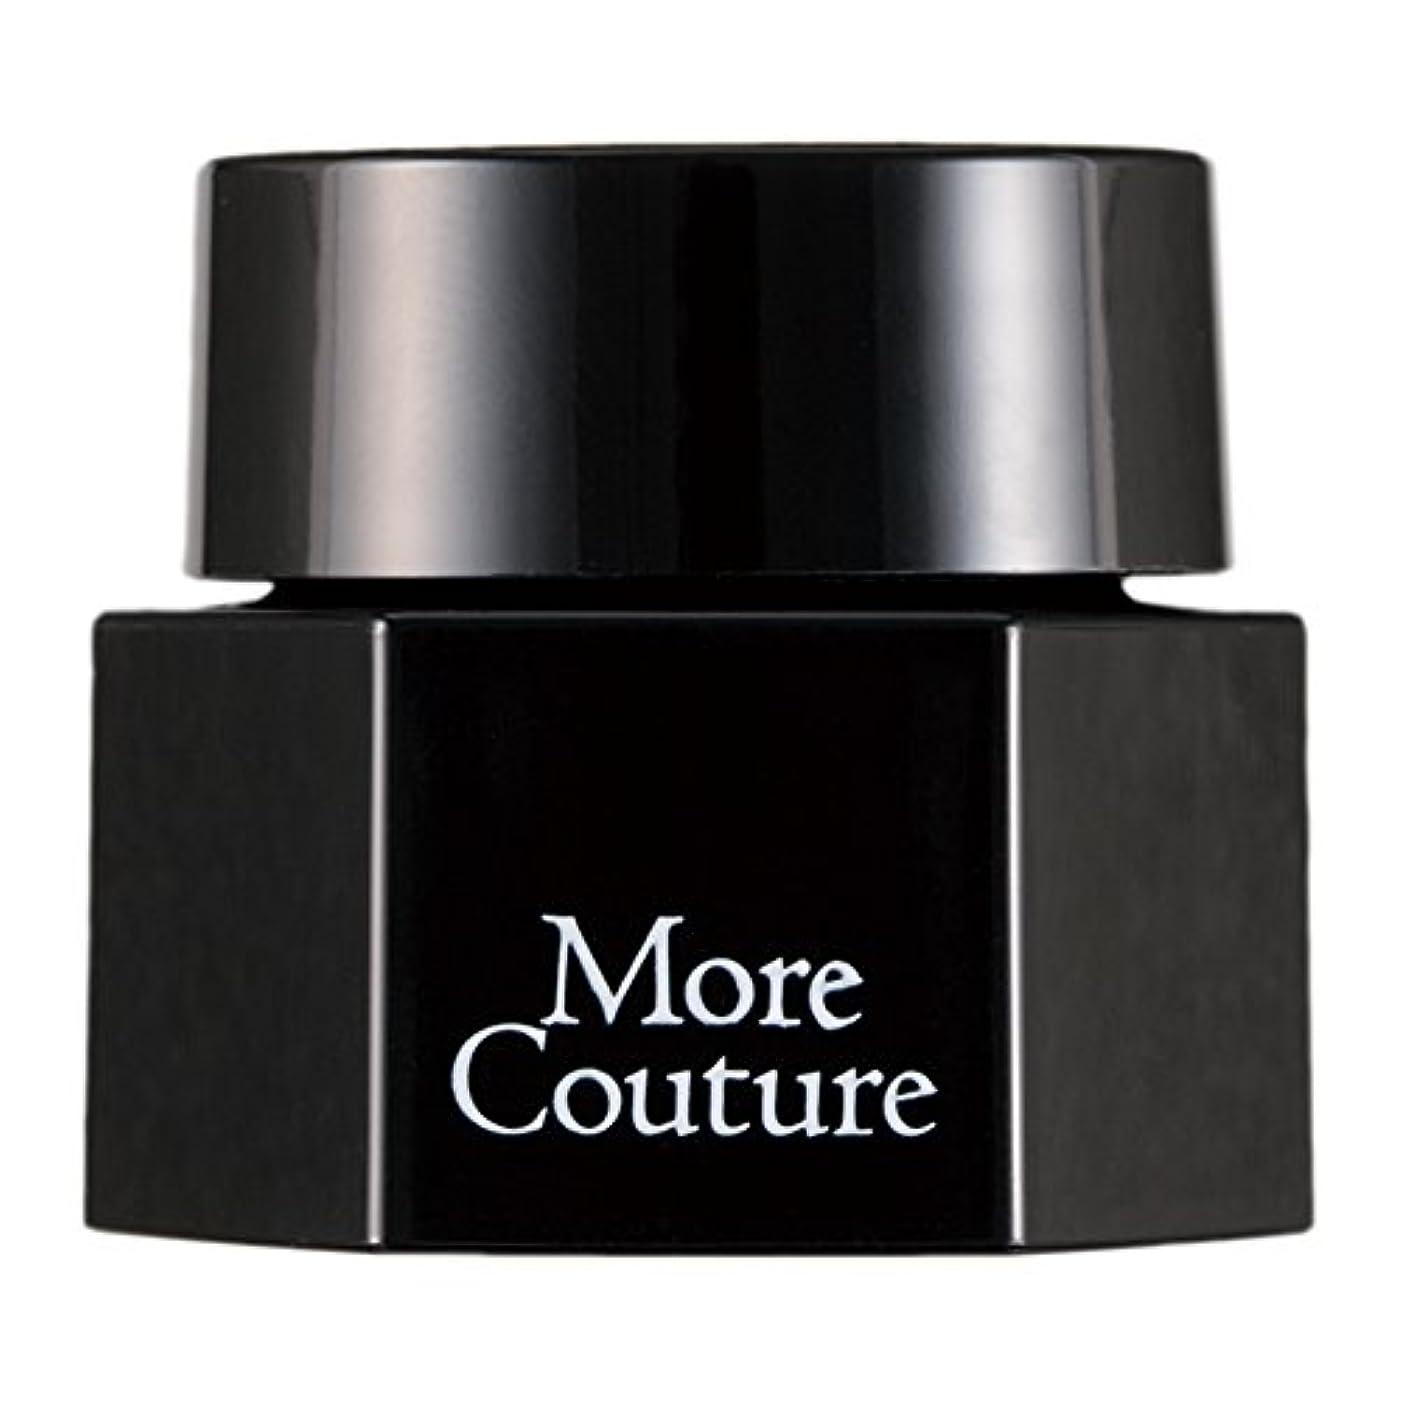 曲ランドマーク眠っているMore Couture MoreGel カラージェル 051 スモーキーグレー 5g